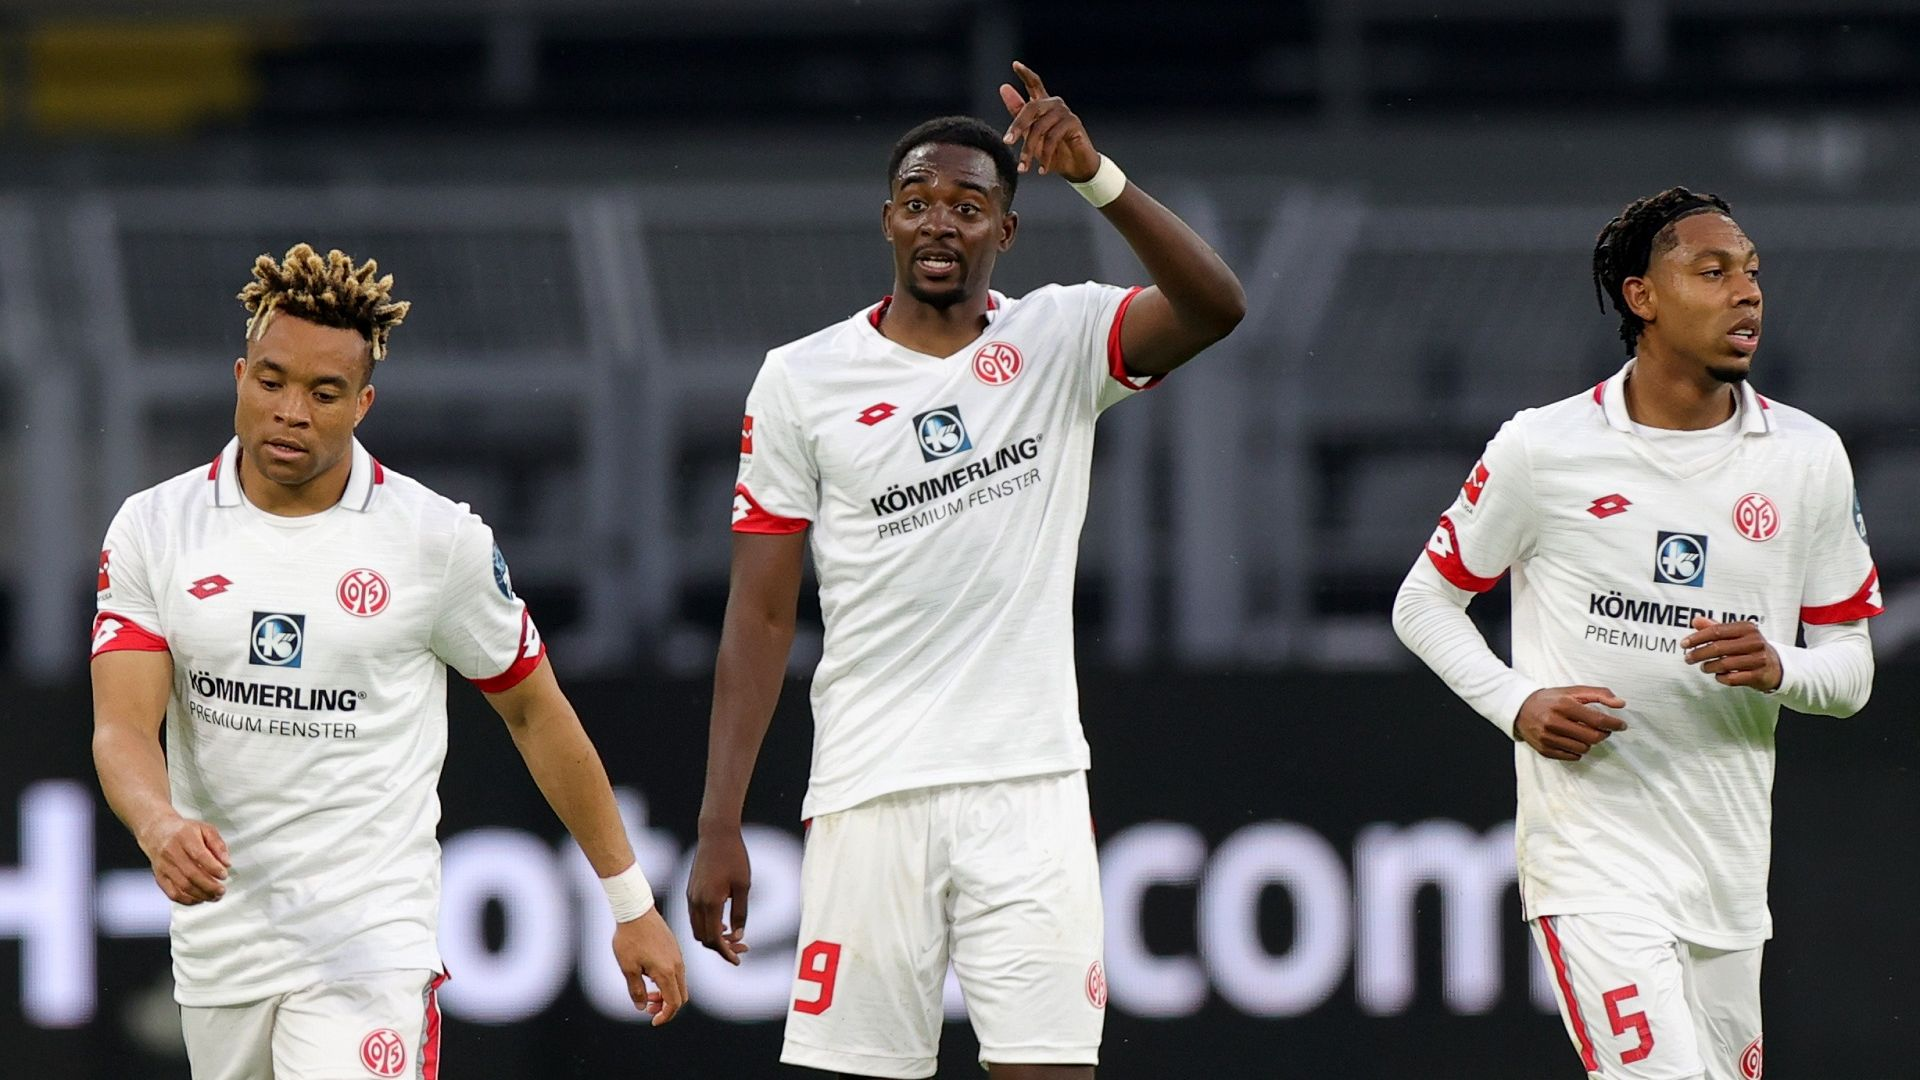 Немски фенове се отказаха от отбора си заради много чернокожи титуляри